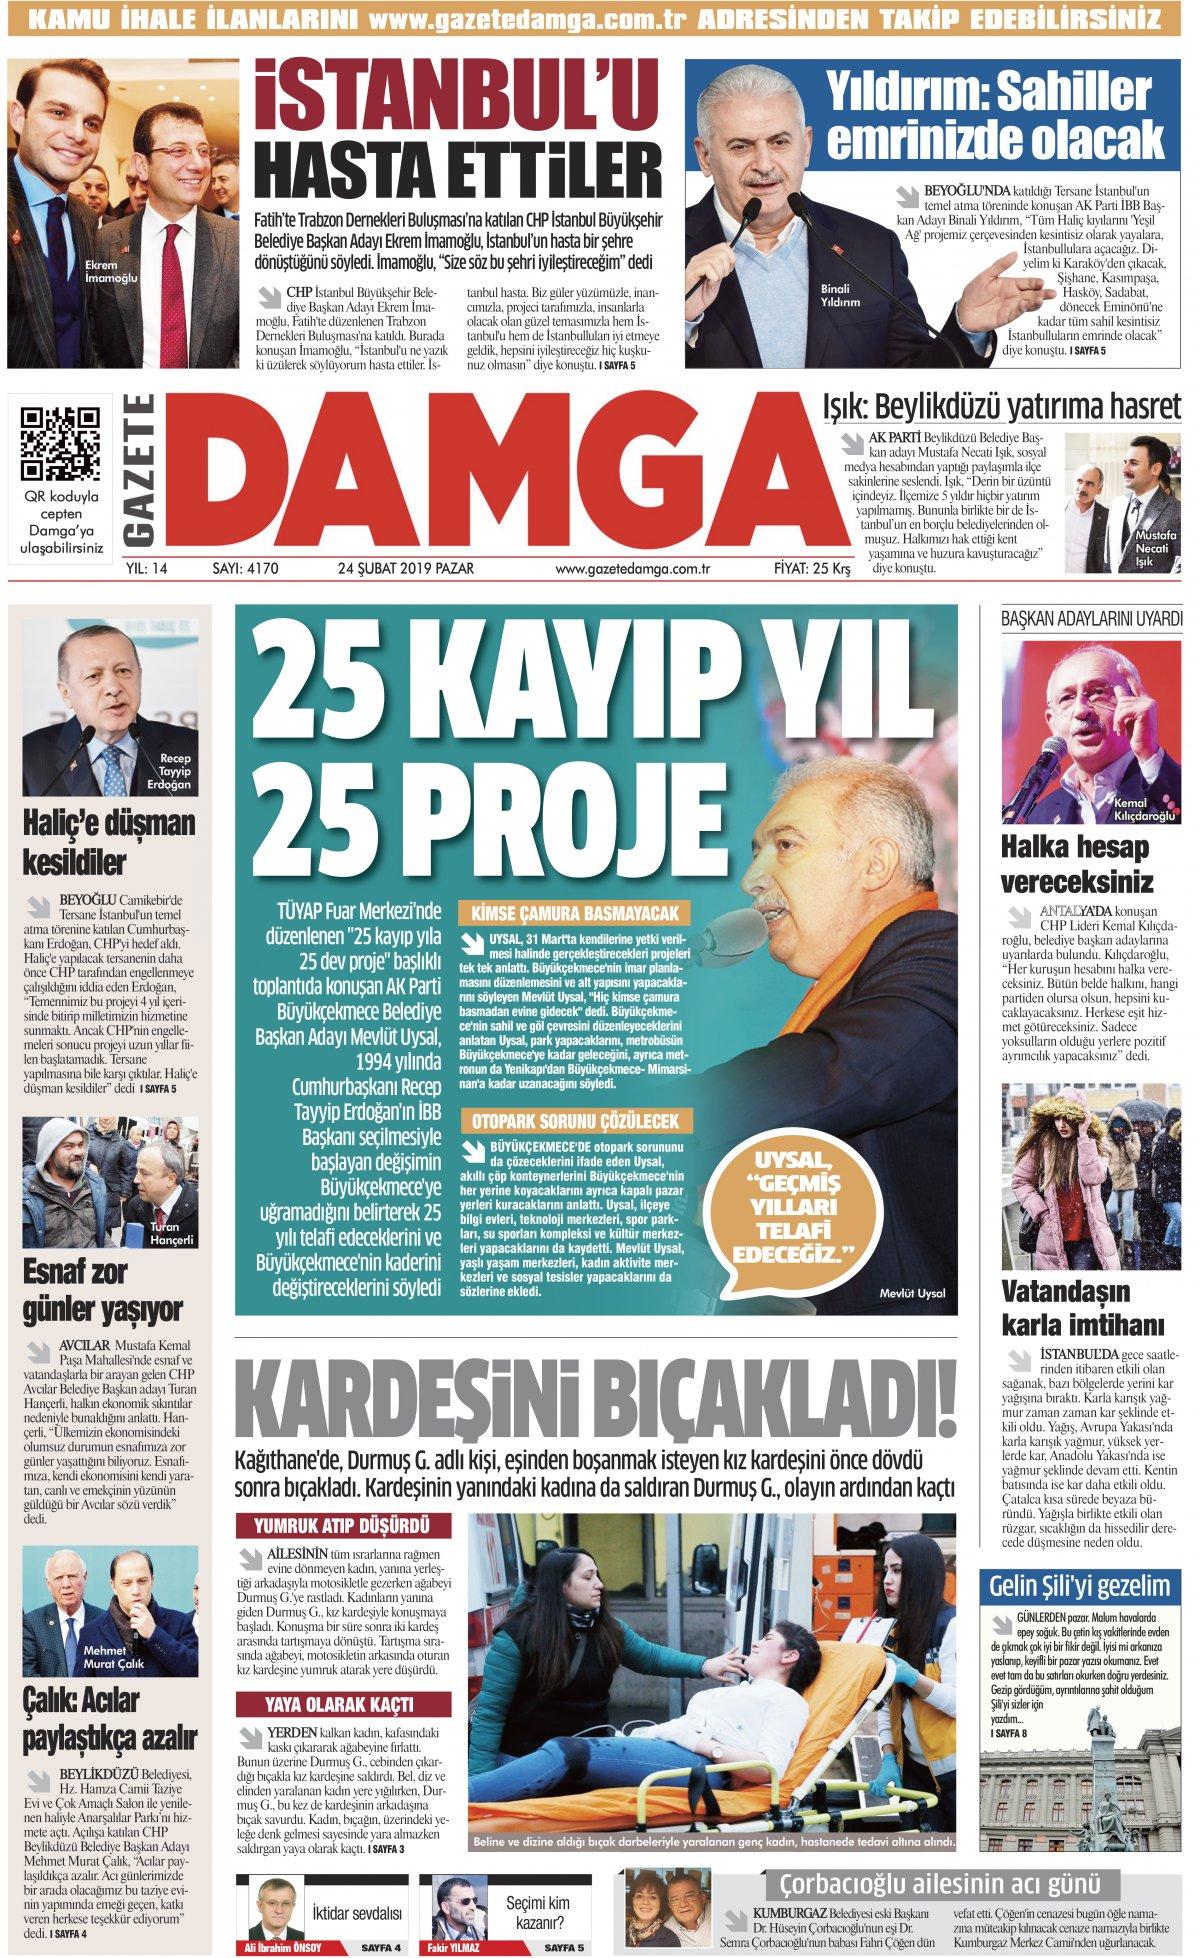 Gazete Damga - 24.02.2019 Sayfaları